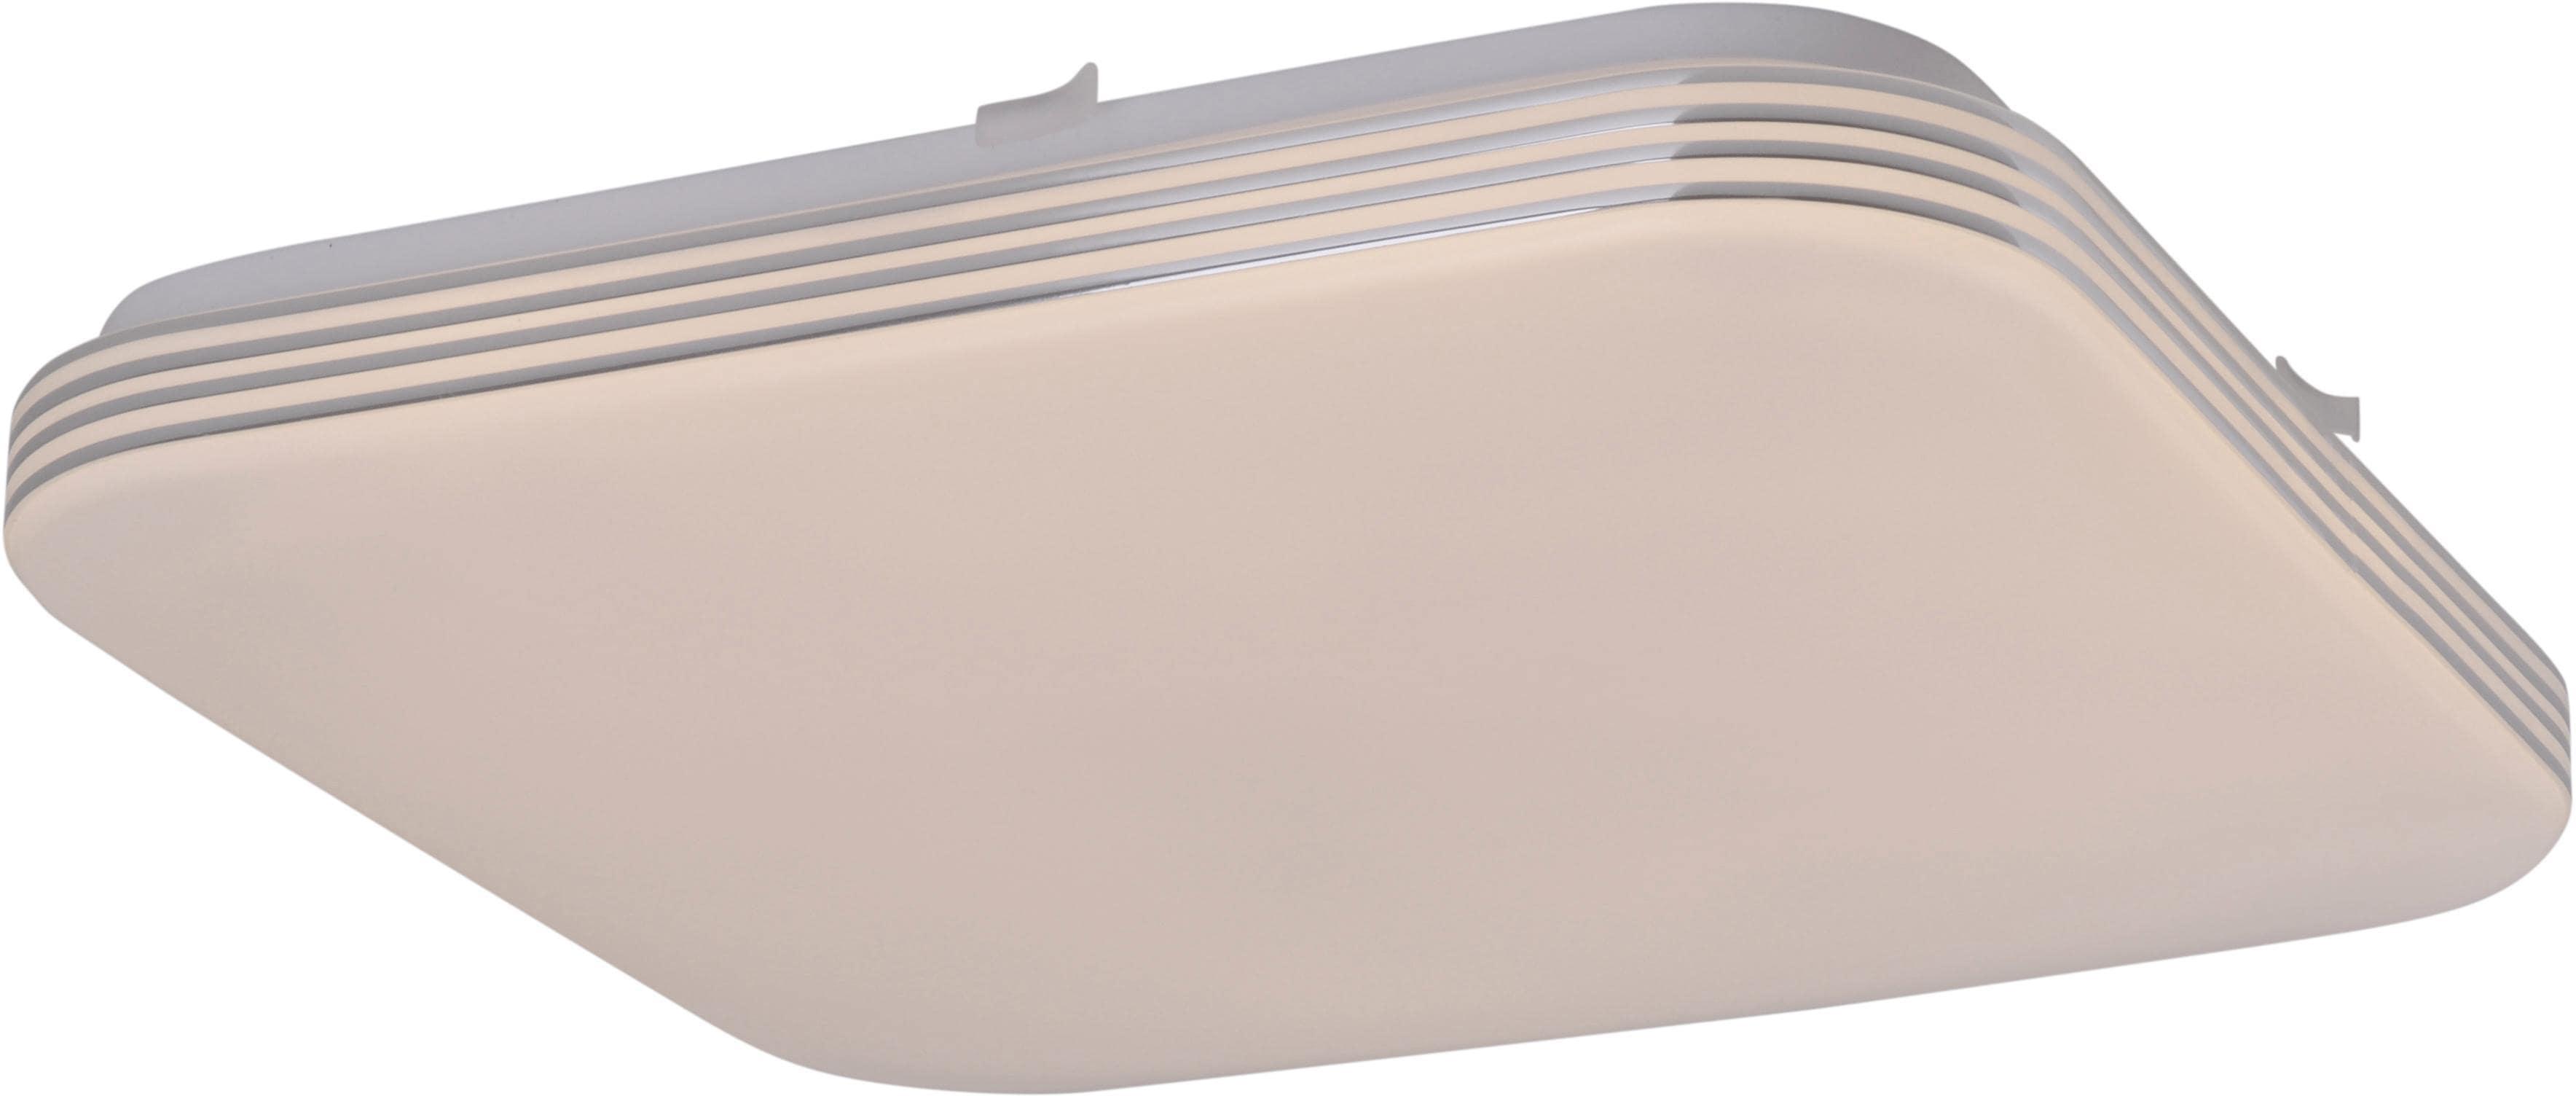 näve LED Deckenleuchte ADELINA, LED-Board, Warmweiß-Neutralweiß-Kaltweiß-Tageslichtweiß, LED Deckenlampe